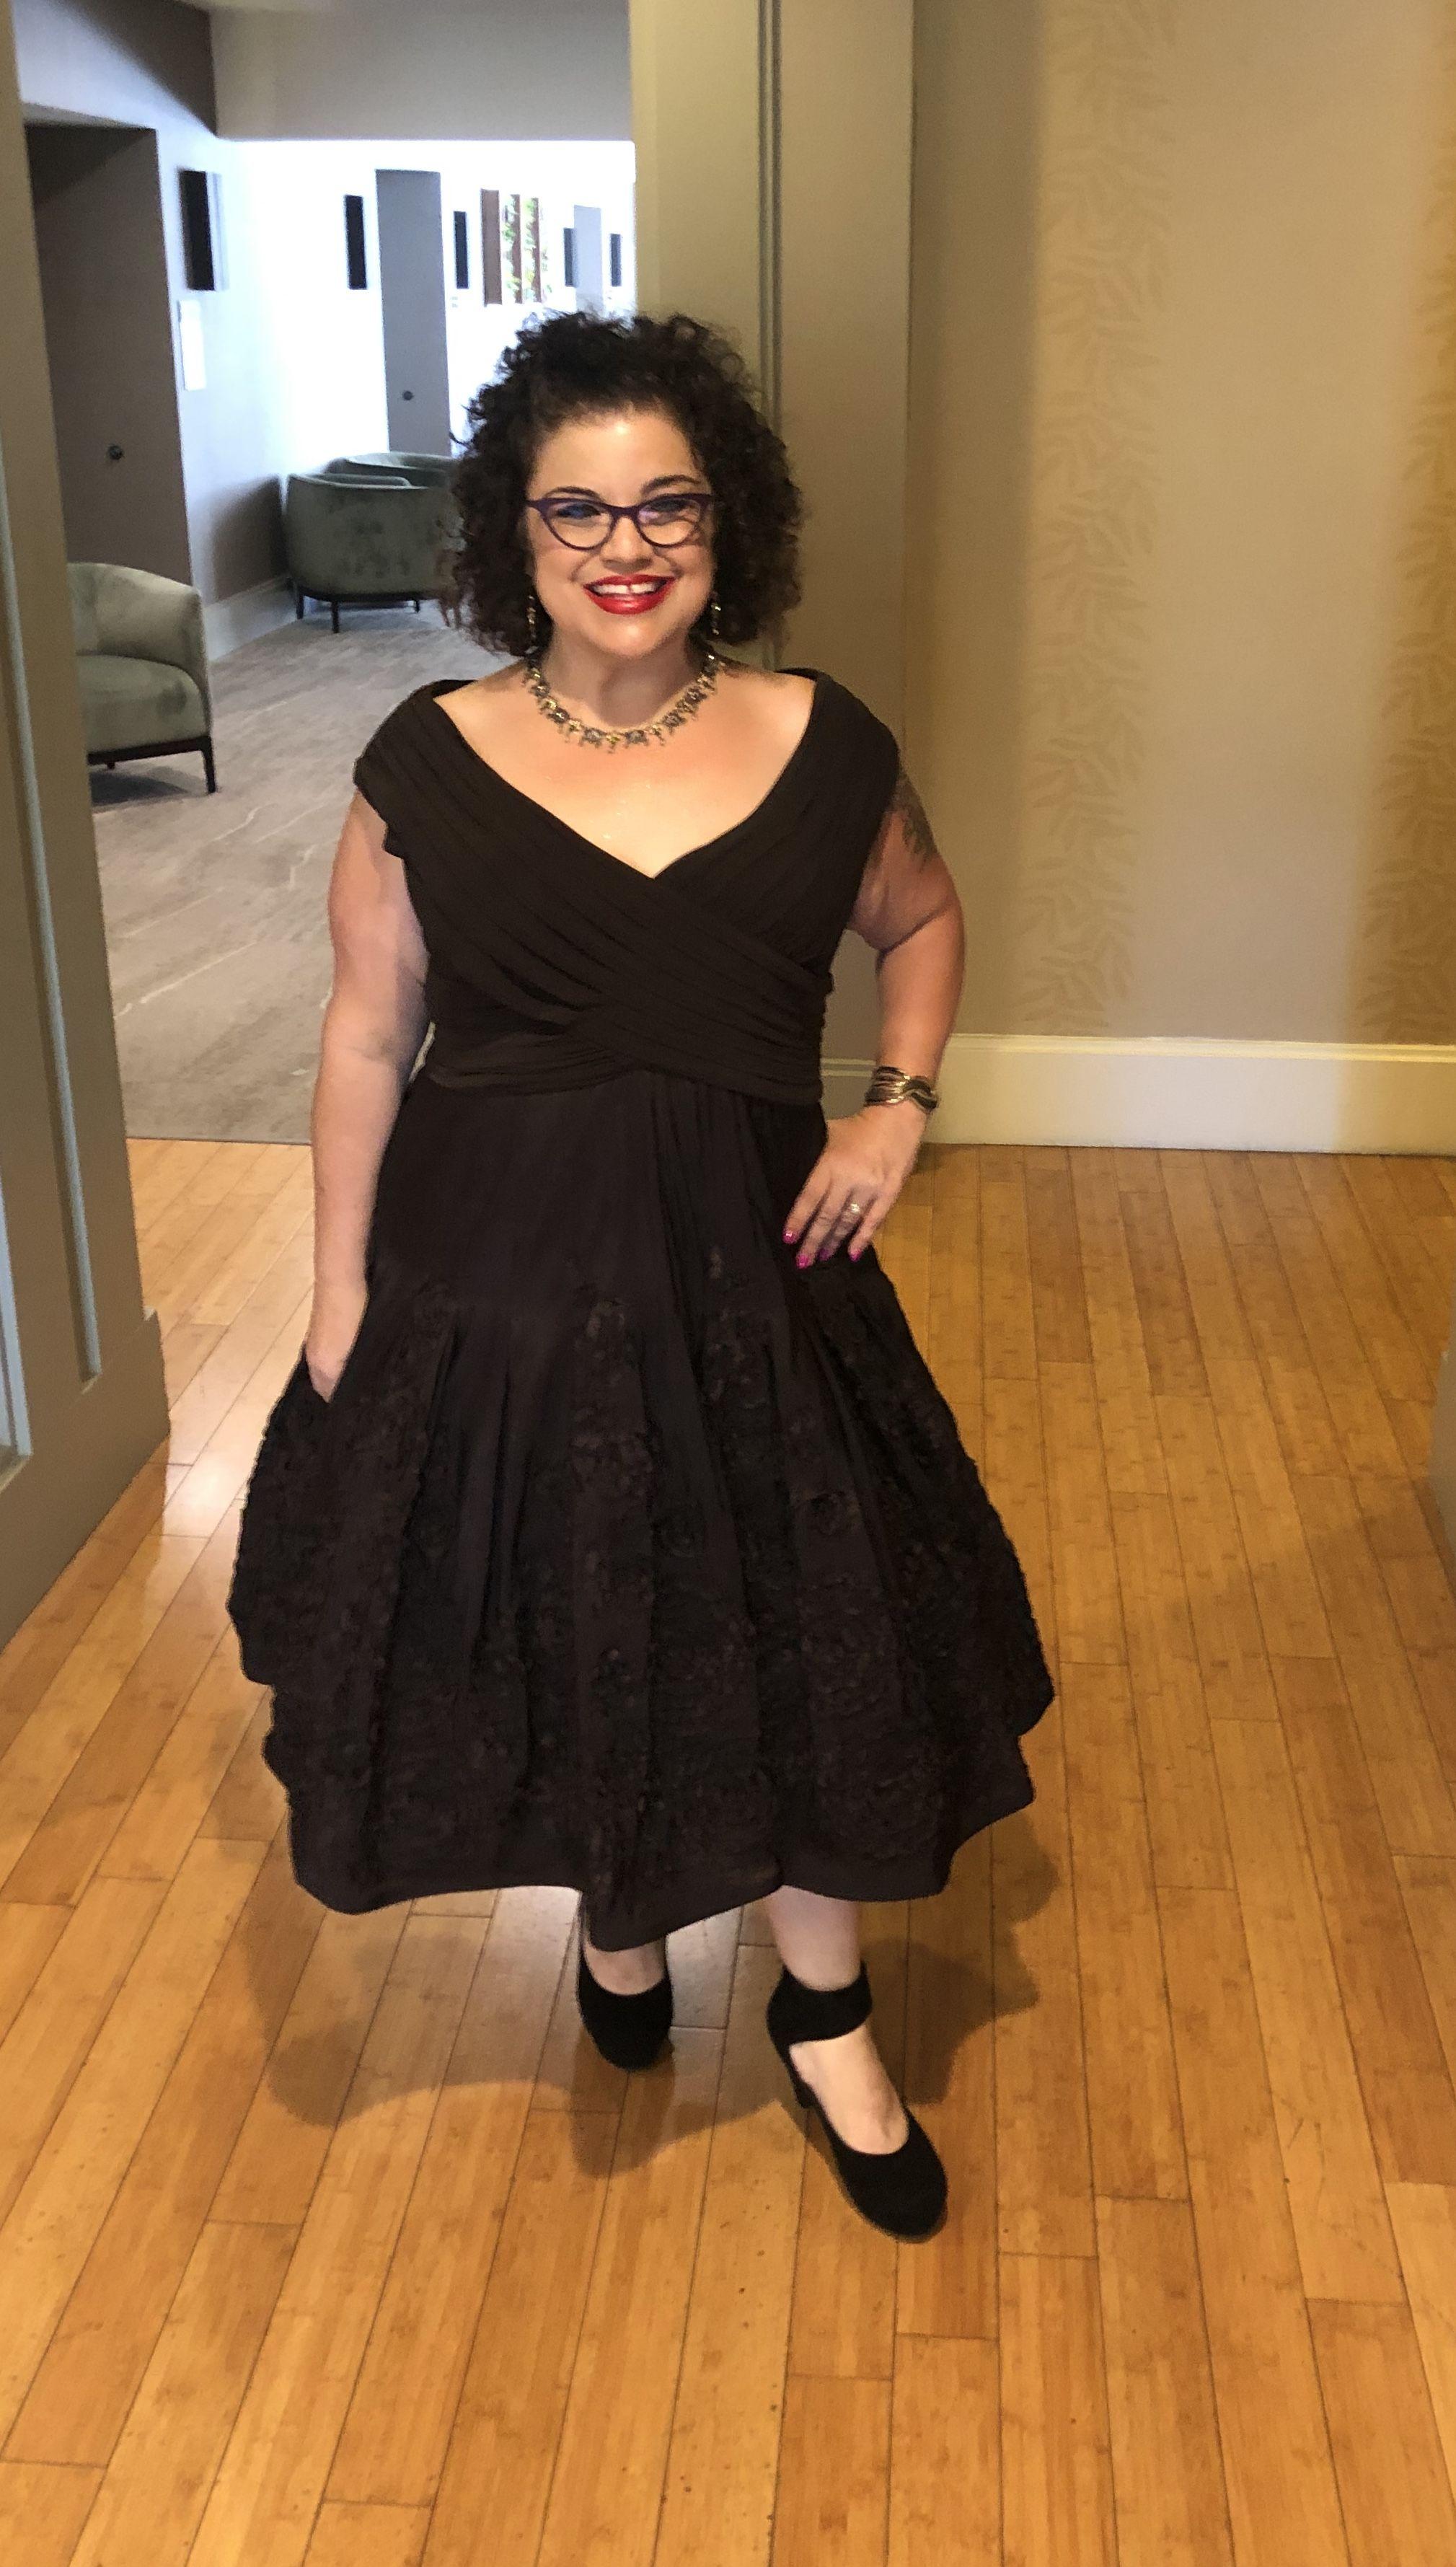 Pin By Jenny Strauss On Jenny Style Little Black Dress Fashion Dresses [ 3559 x 2019 Pixel ]